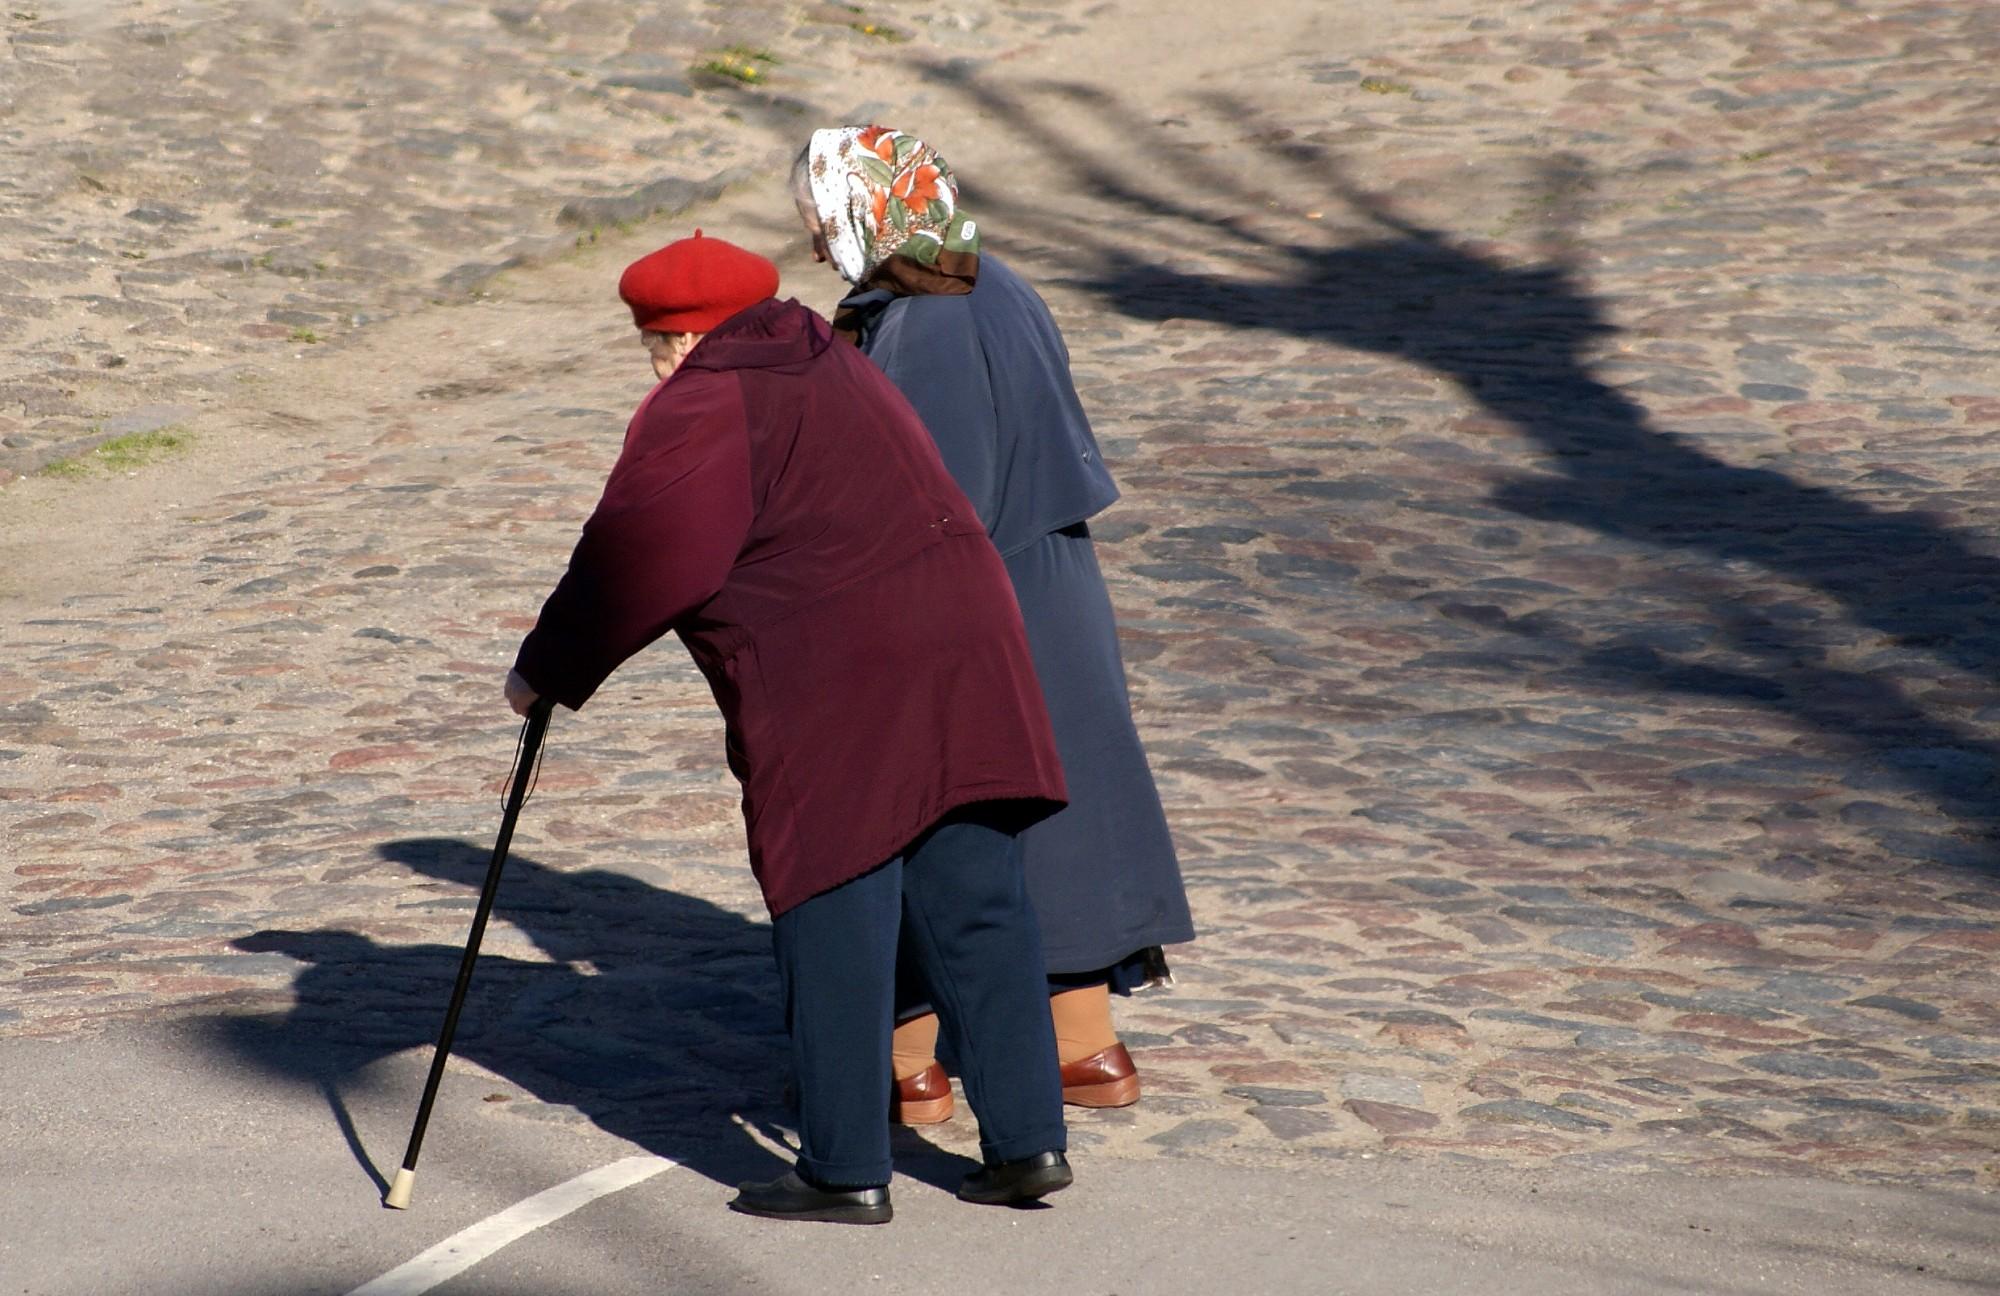 Kļūdas dēļ pensionāriem aprēķināts parāds